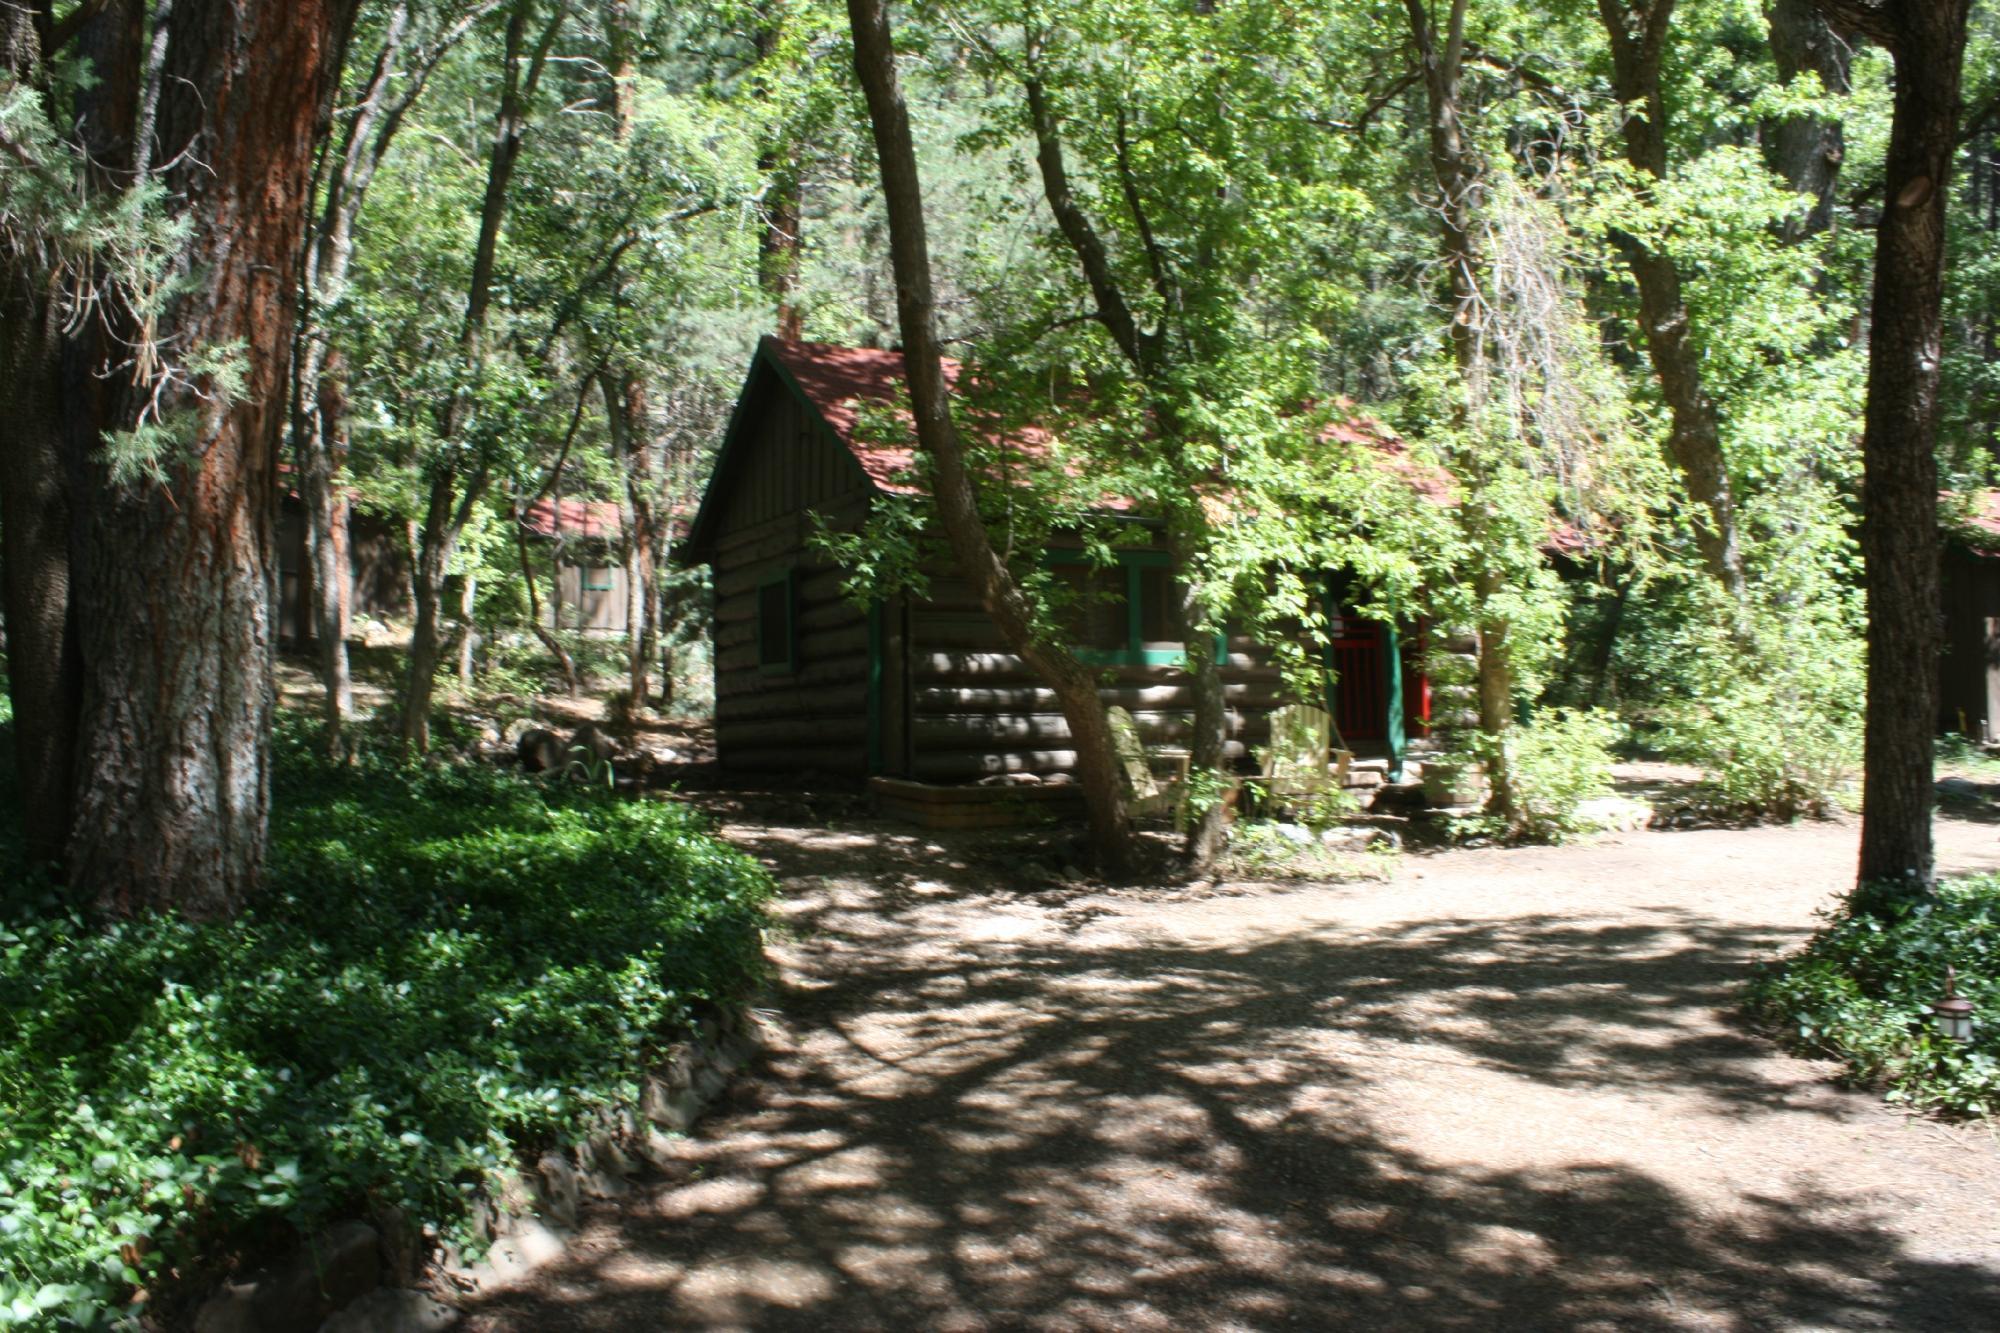 The Butterfly Garden Inn